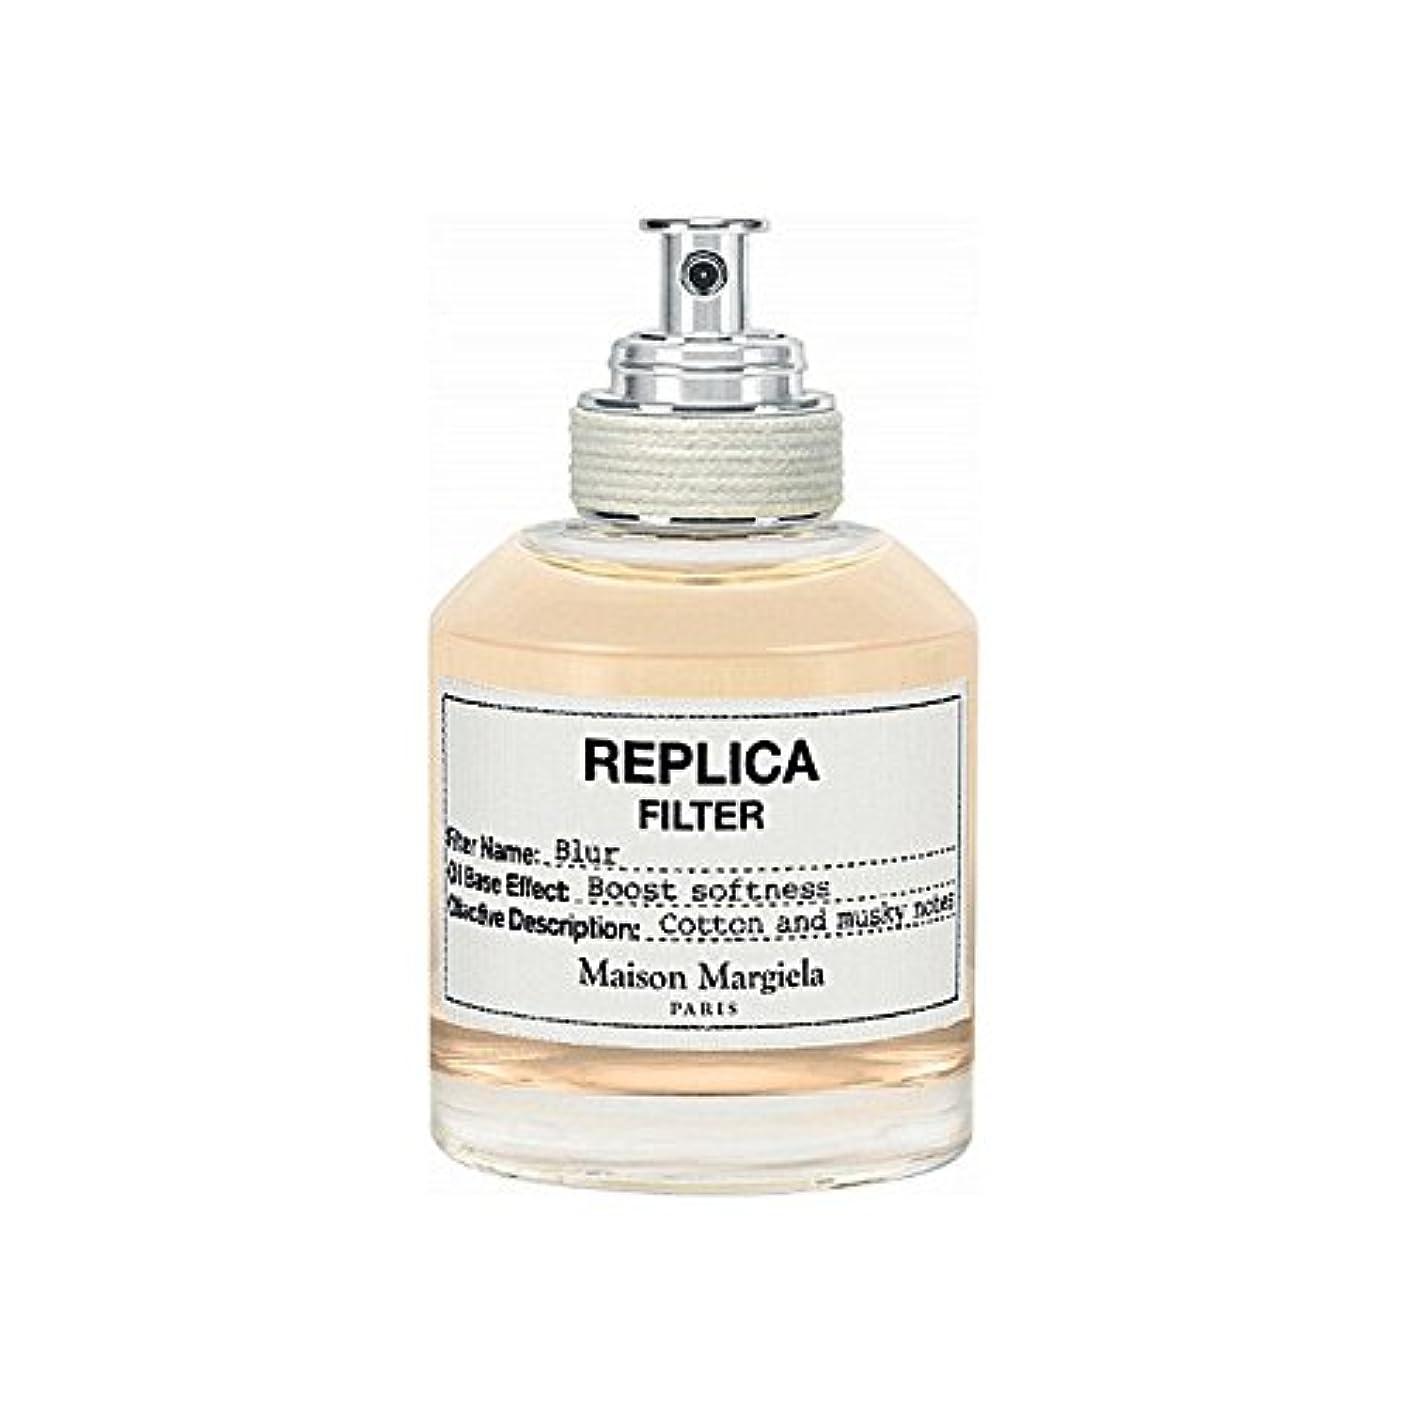 あそこ振る舞う不透明なMaison Margiela Blur Replica Filter 50ml (Pack of 6) - メゾンマルジェラのぼかしレプリカフィルタ50ミリリットル x6 [並行輸入品]